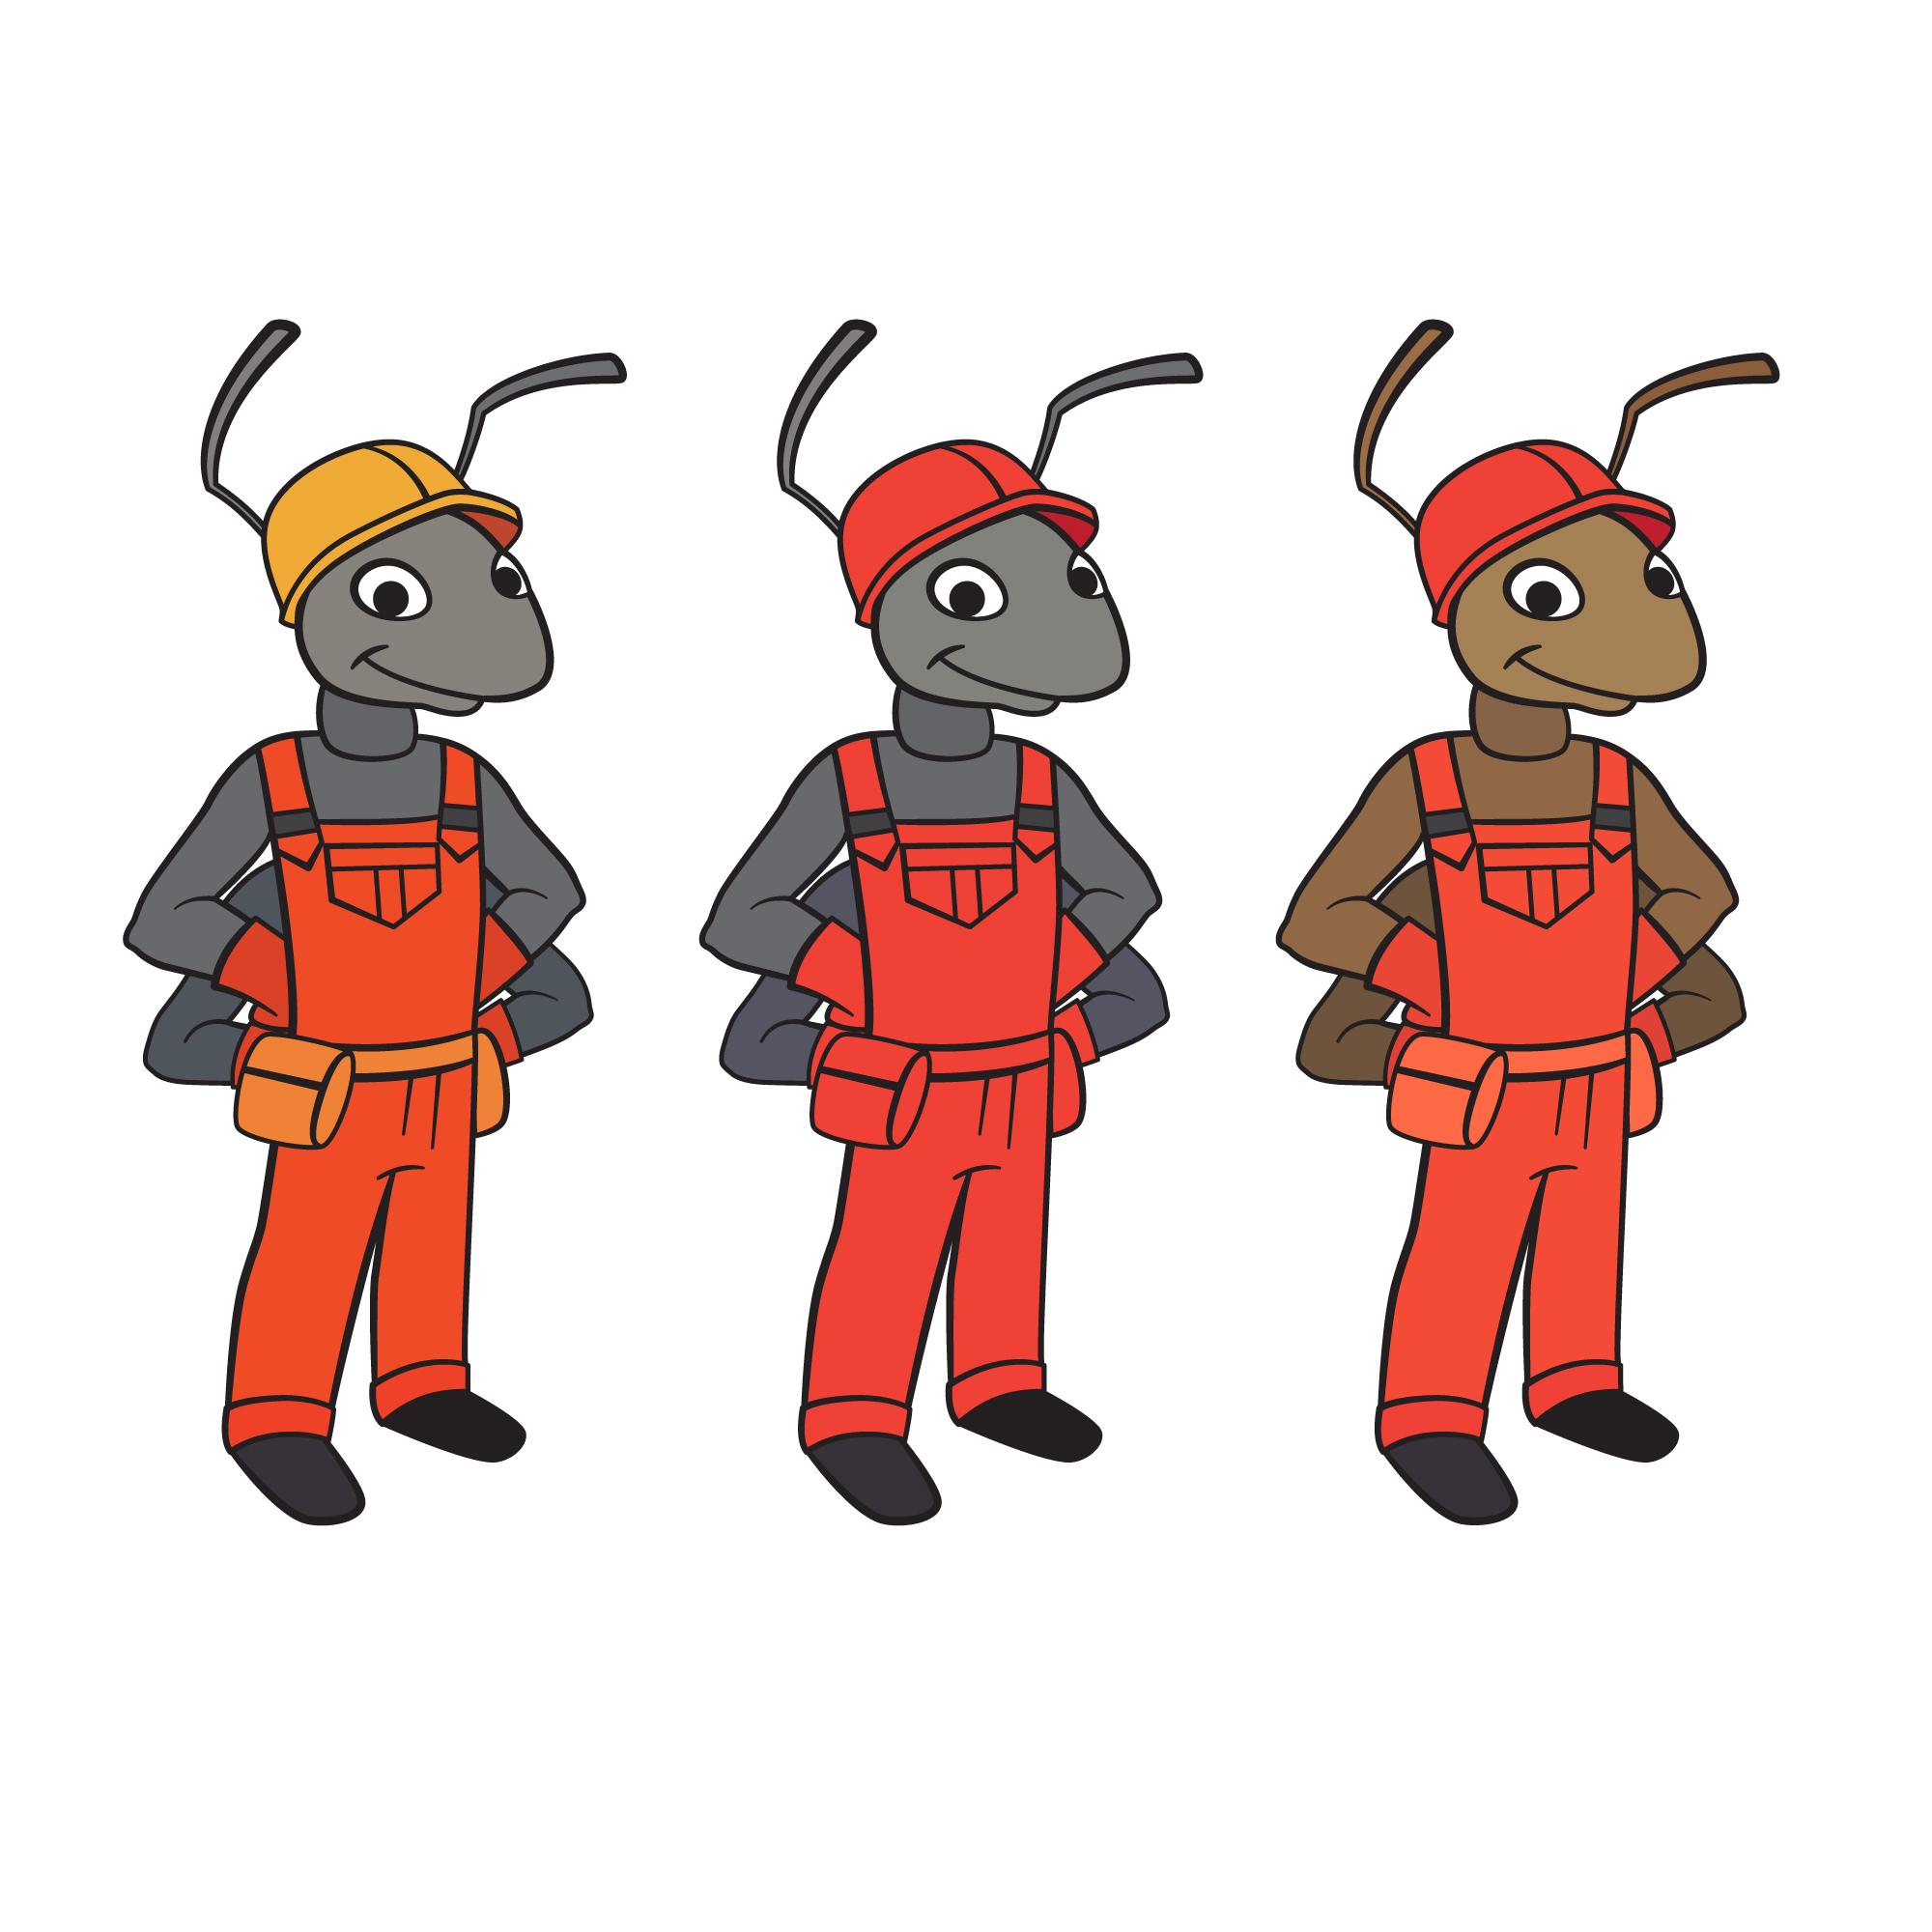 """Необходимо разработать дизайн персонажа """"Муравей"""" для сайта  фото f_521577373708a206.jpg"""